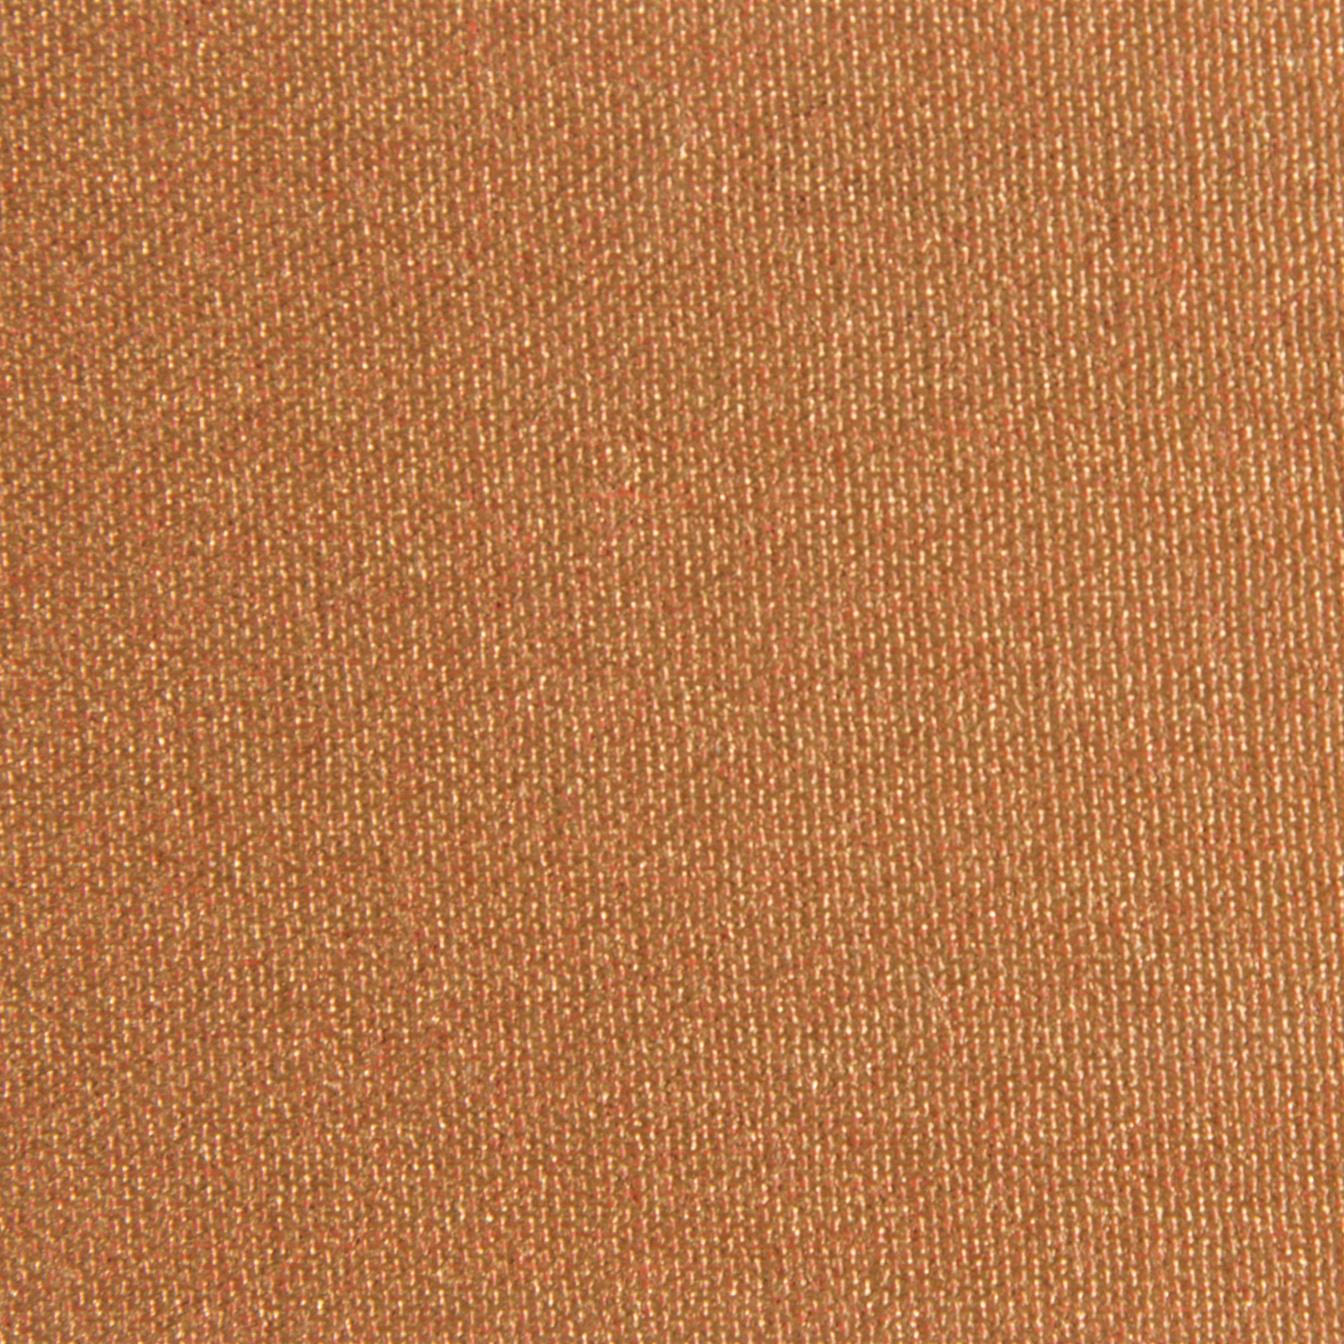 Copper 34001